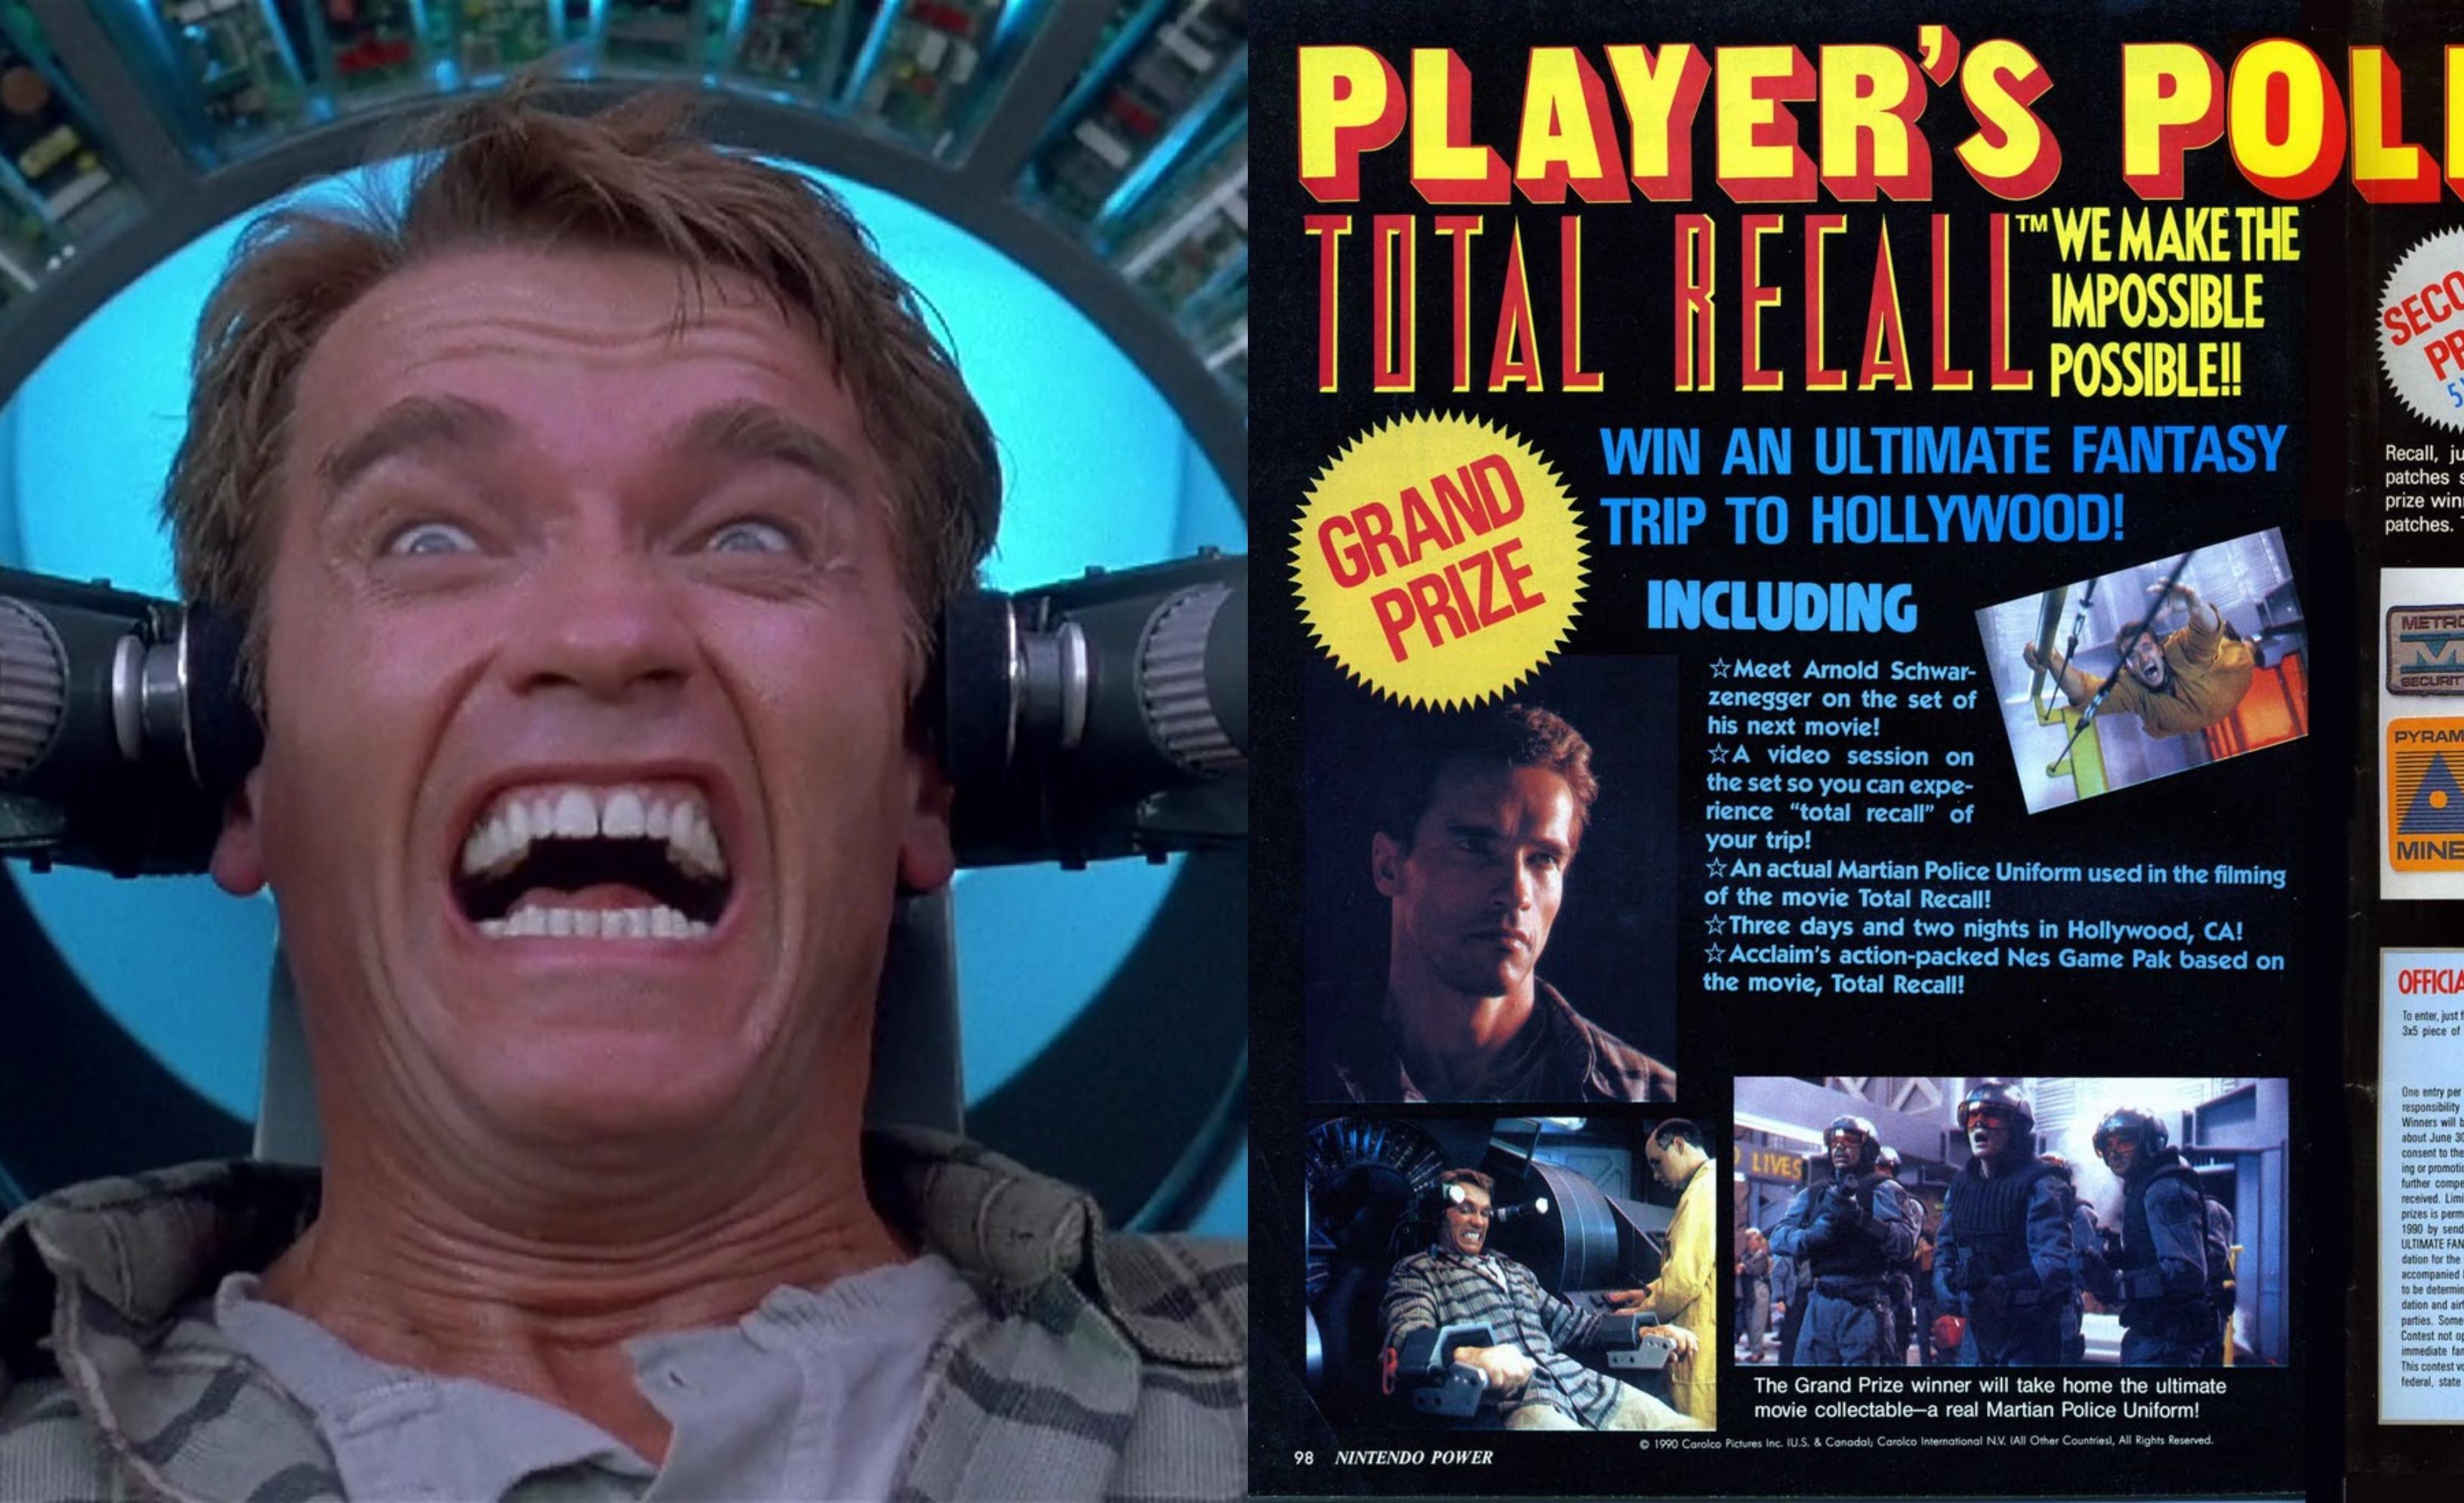 Atto di forza: tutto il cast si ammalò sul set tranne Schwarzenegger e l'ingannevole concorso del videogioco